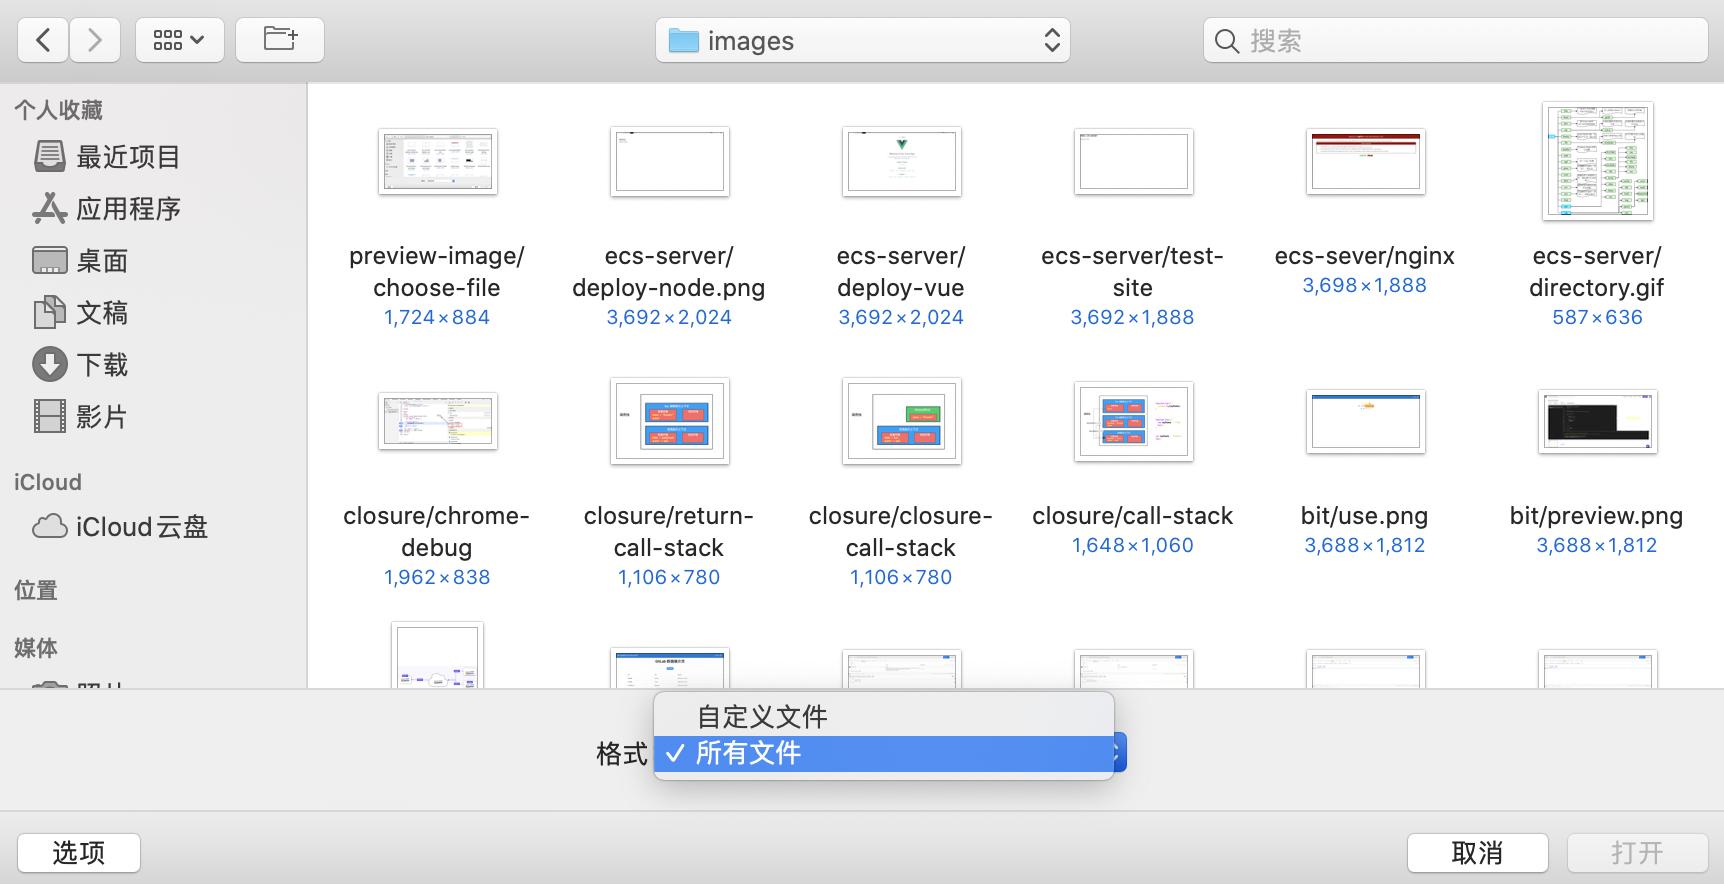 choose-file.png